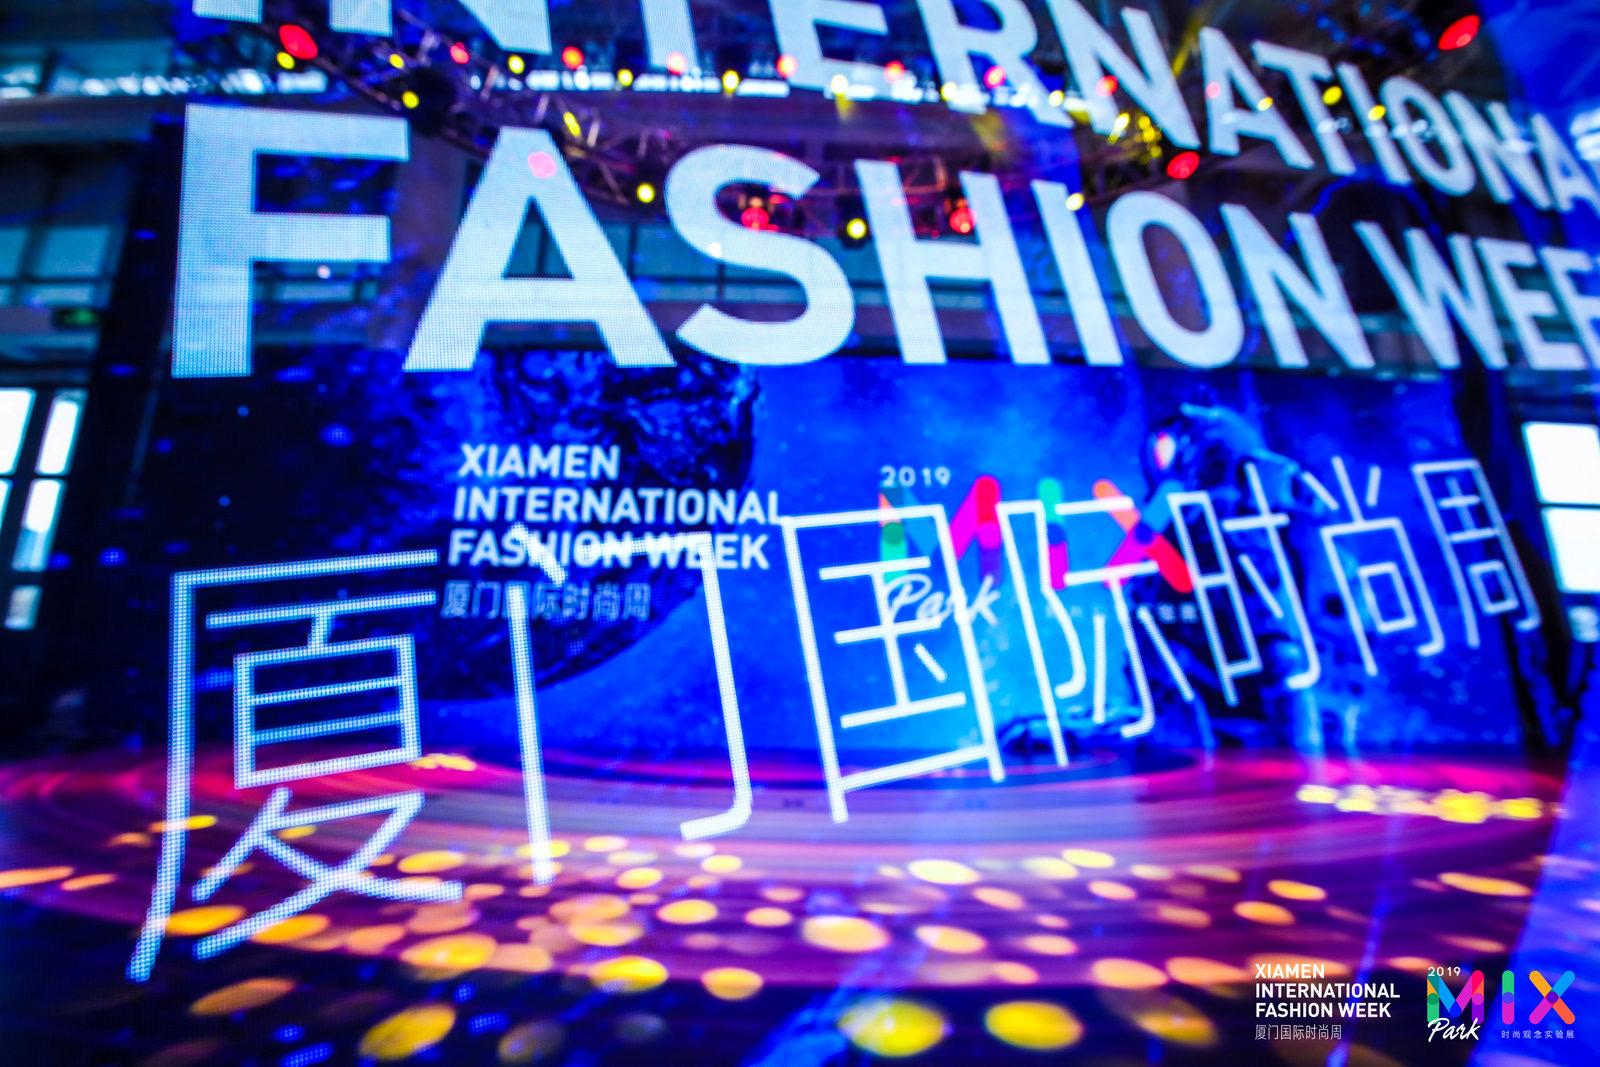 """让时尚更""""好玩"""",这五种新思路值得借鉴!来自厦门国际时尚周的深度报道"""